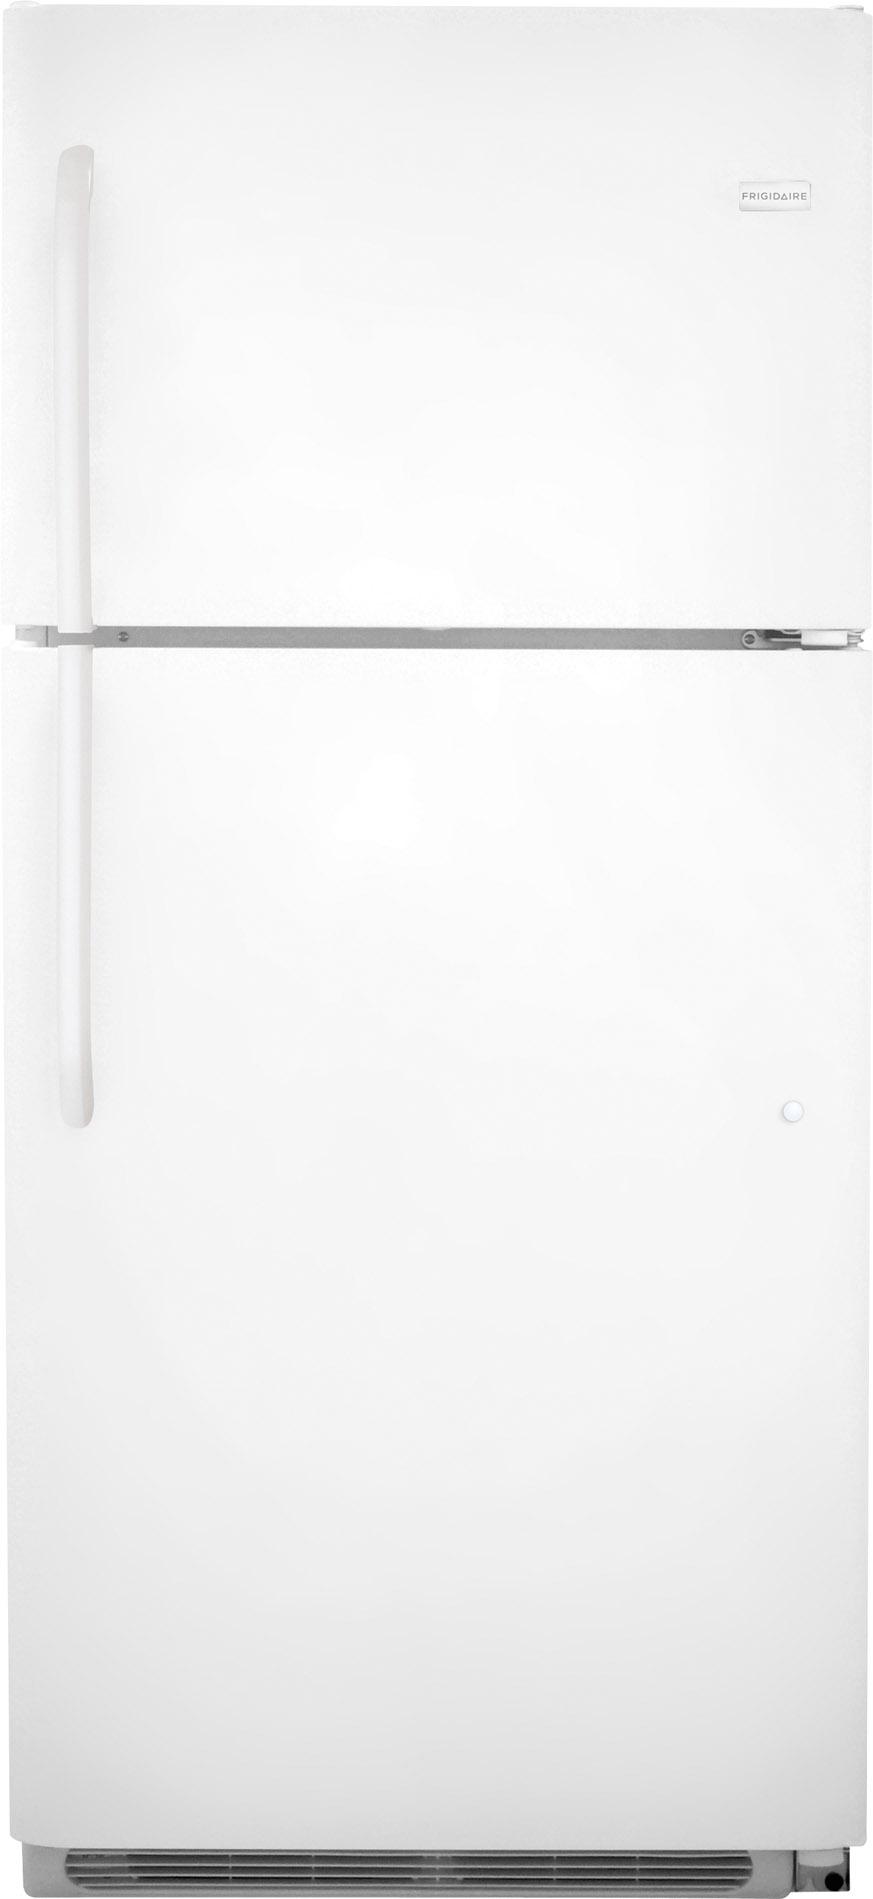 Frigidaire Refrigerator Model Fftr2021qw1 Parts Amp Repair